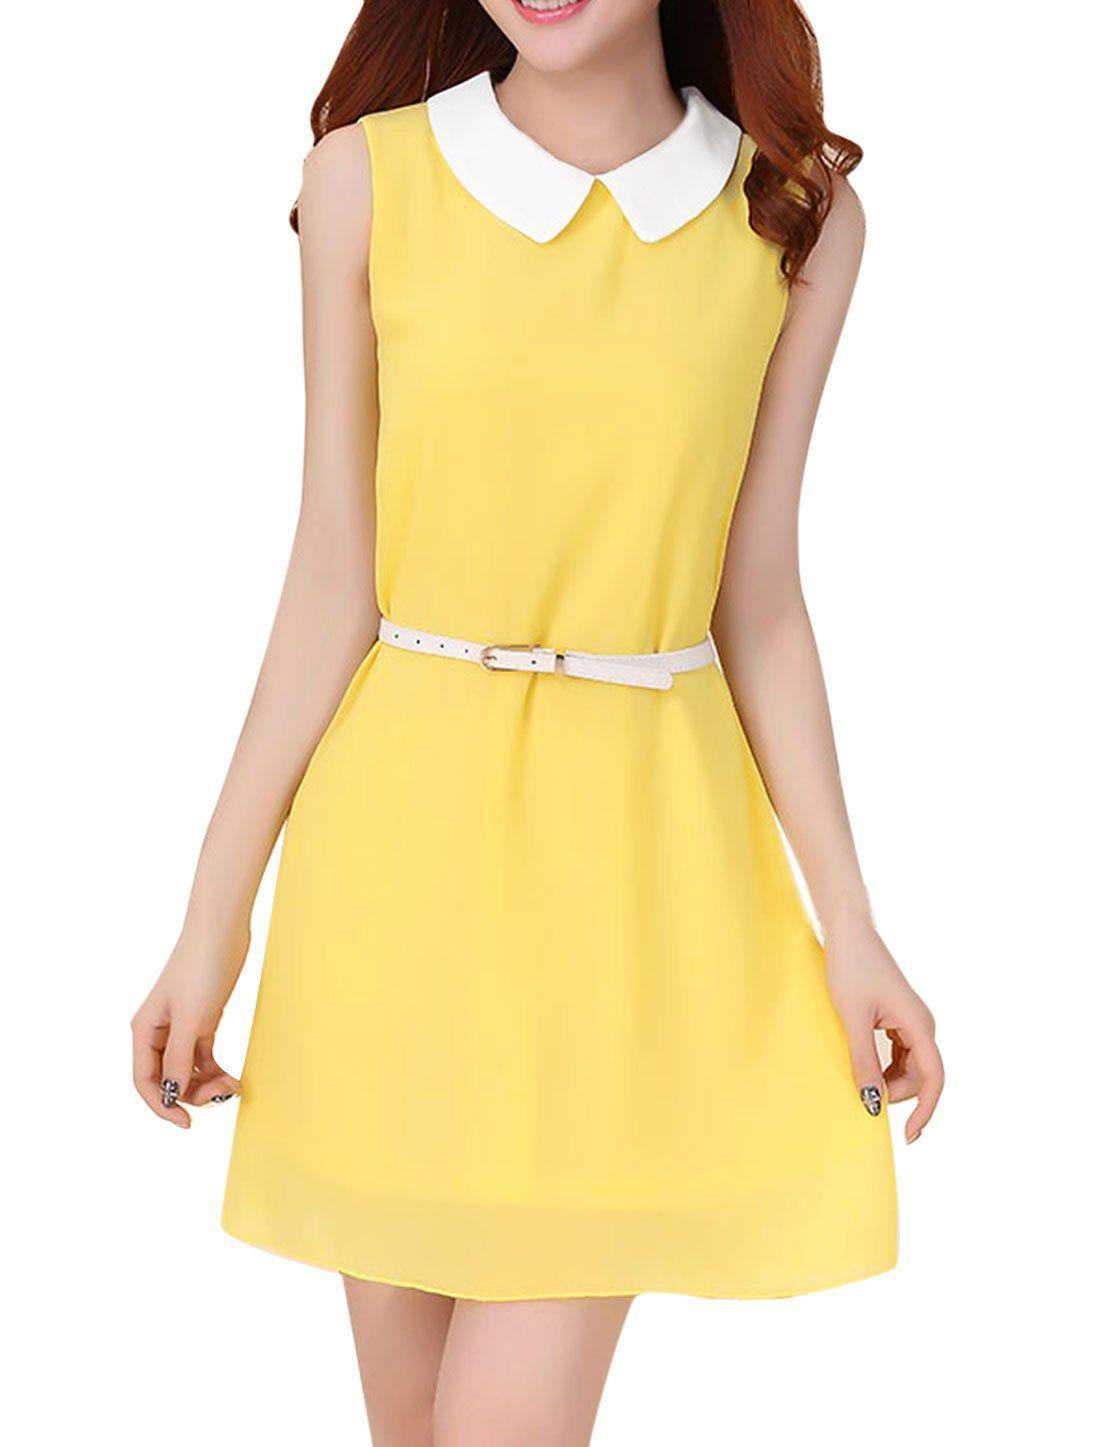 Honey Lemon Dress Up